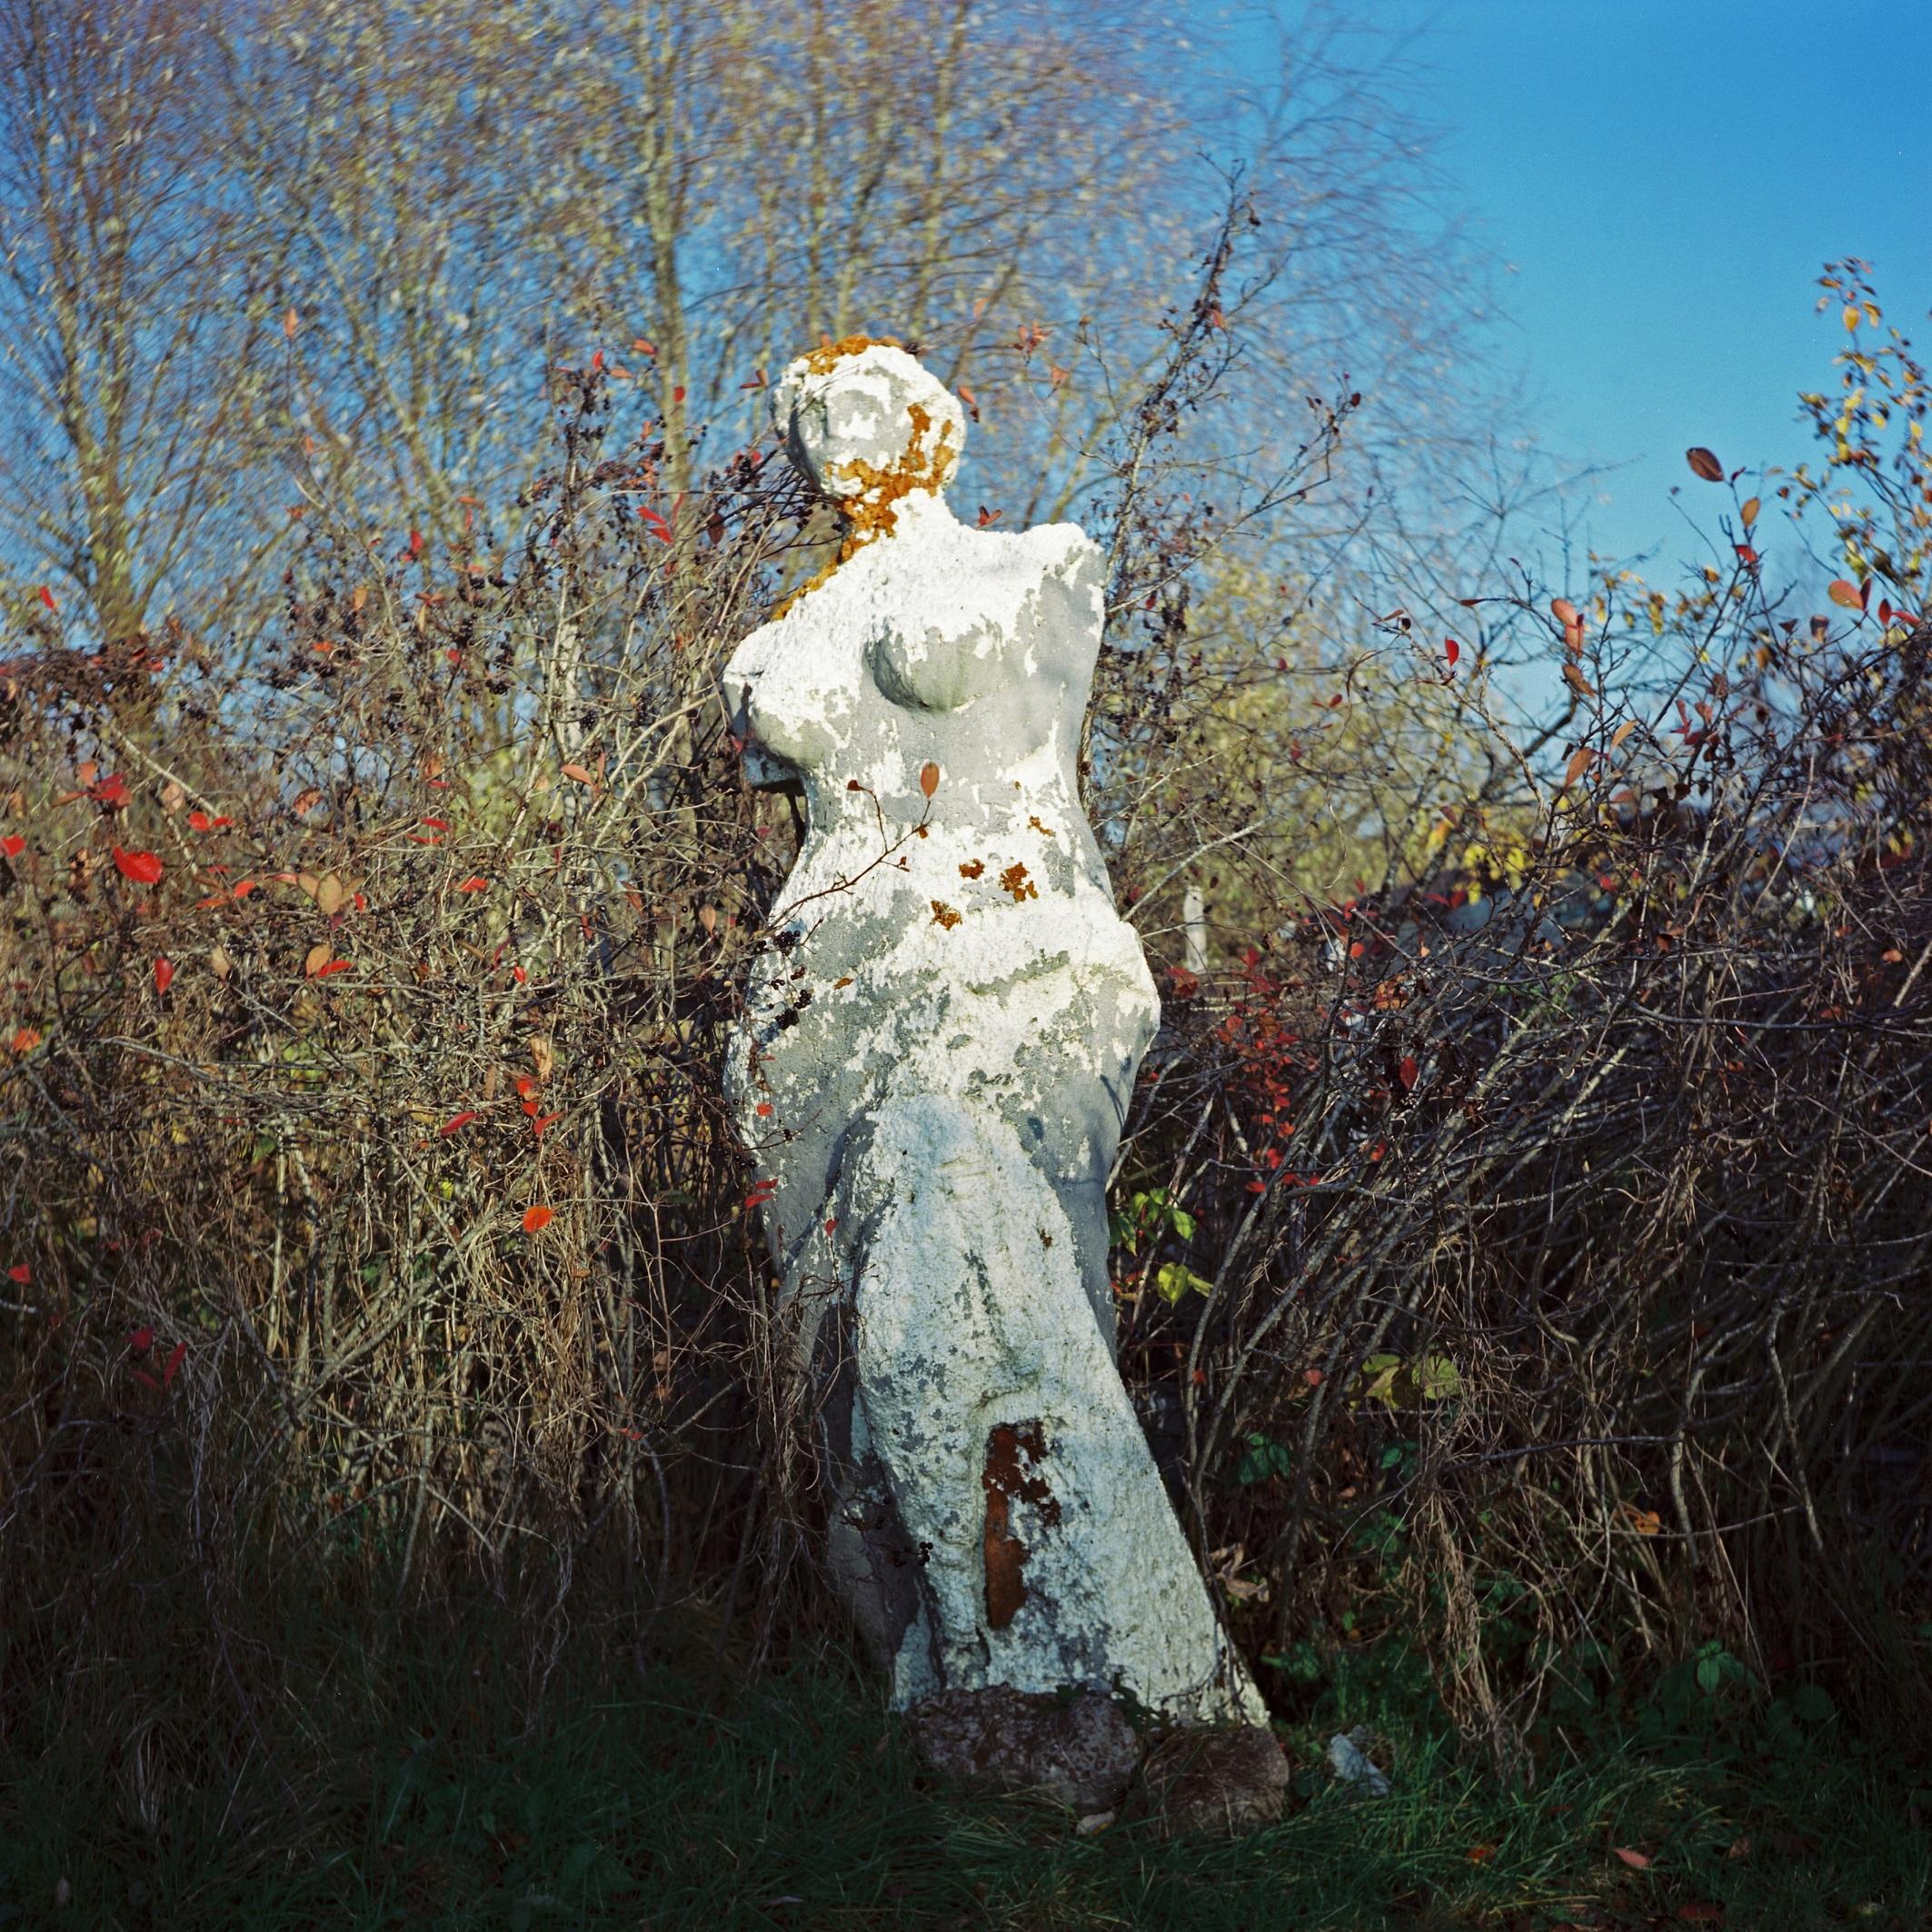 Venus de Milo, 26.10.2011